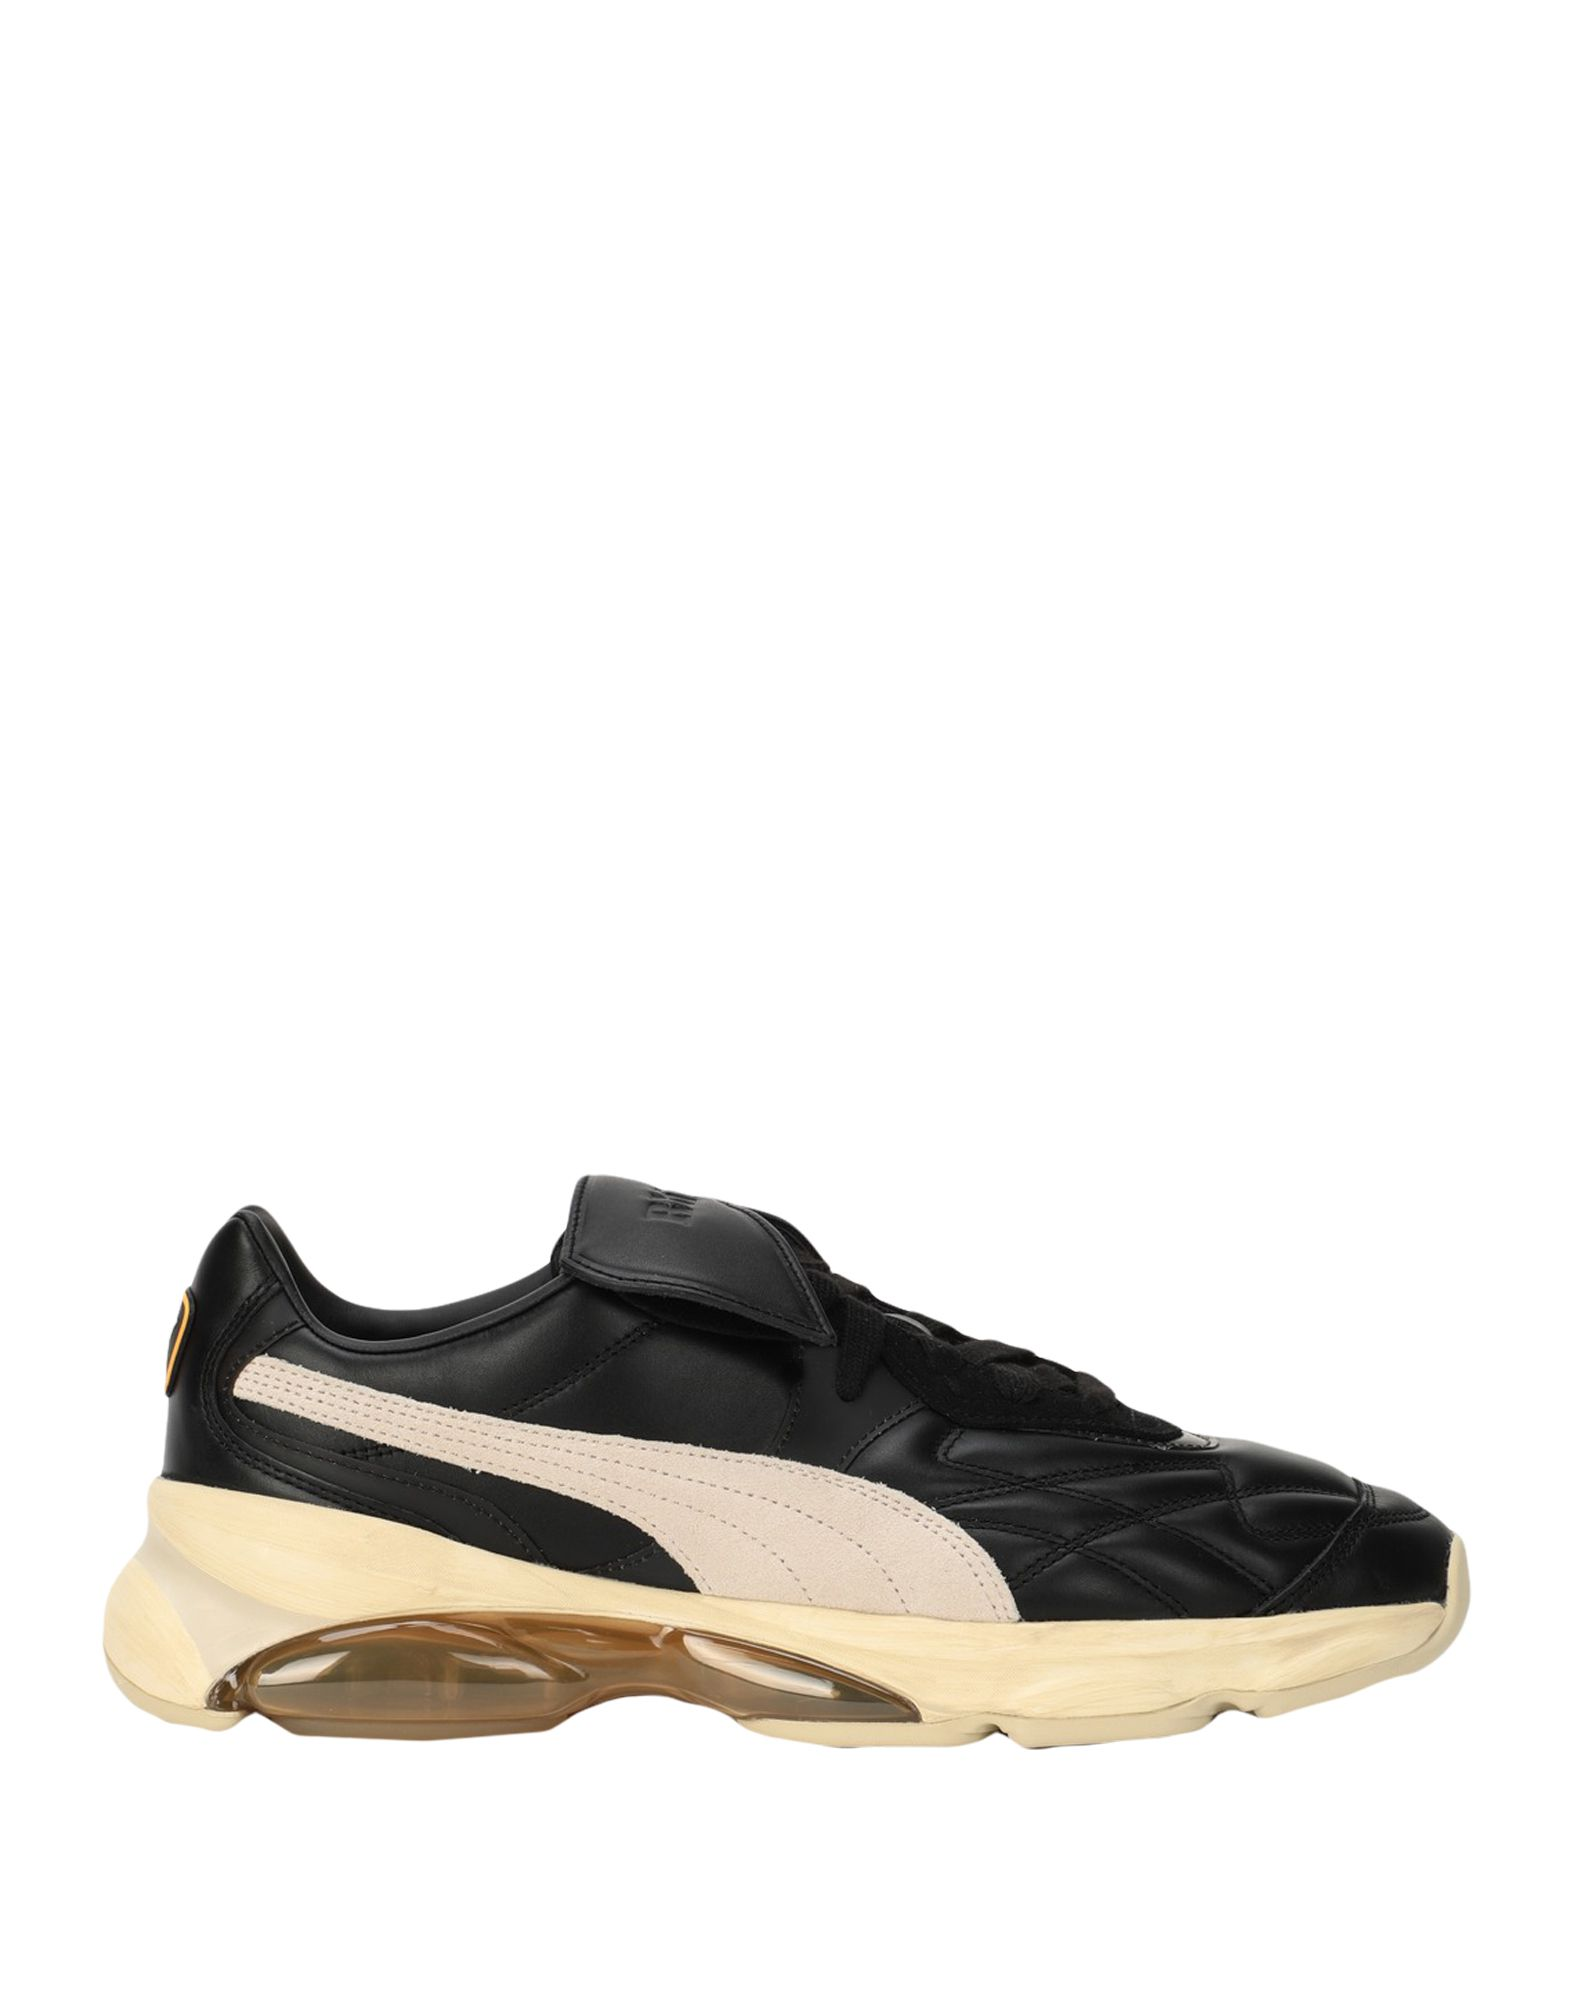 《セール開催中》PUMA x RHUDE メンズ スニーカー&テニスシューズ(ローカット) ブラック 6 紡績繊維 / 柔らかめの牛革 Cell King RHUDE Oatmeal